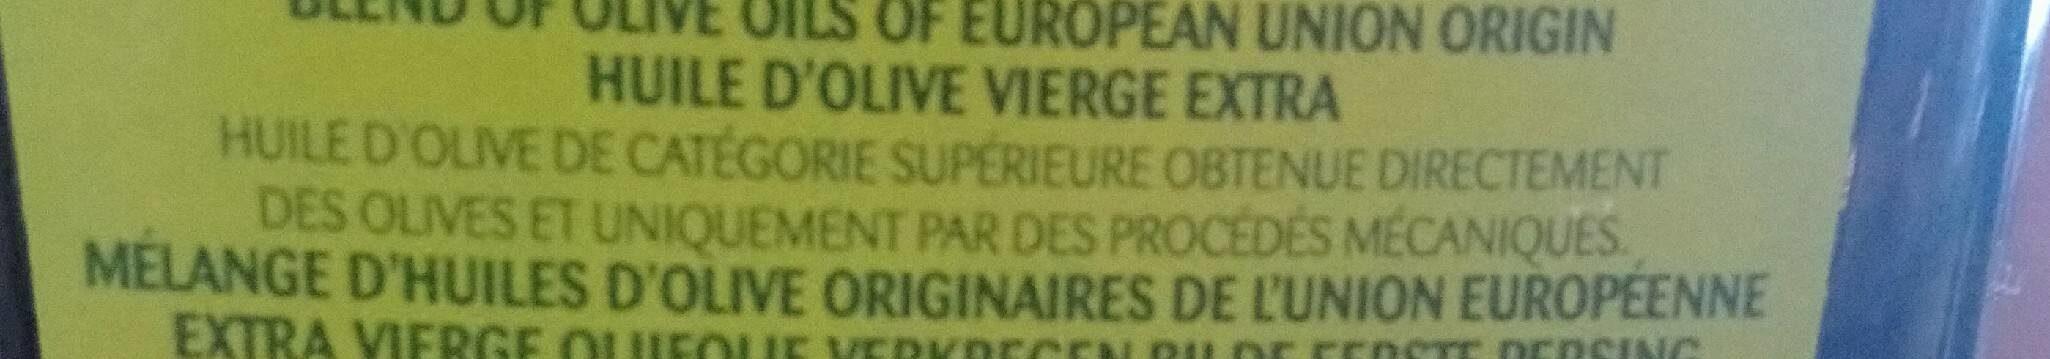 Olio extravergine Di oliva - Ingrediënten - fr